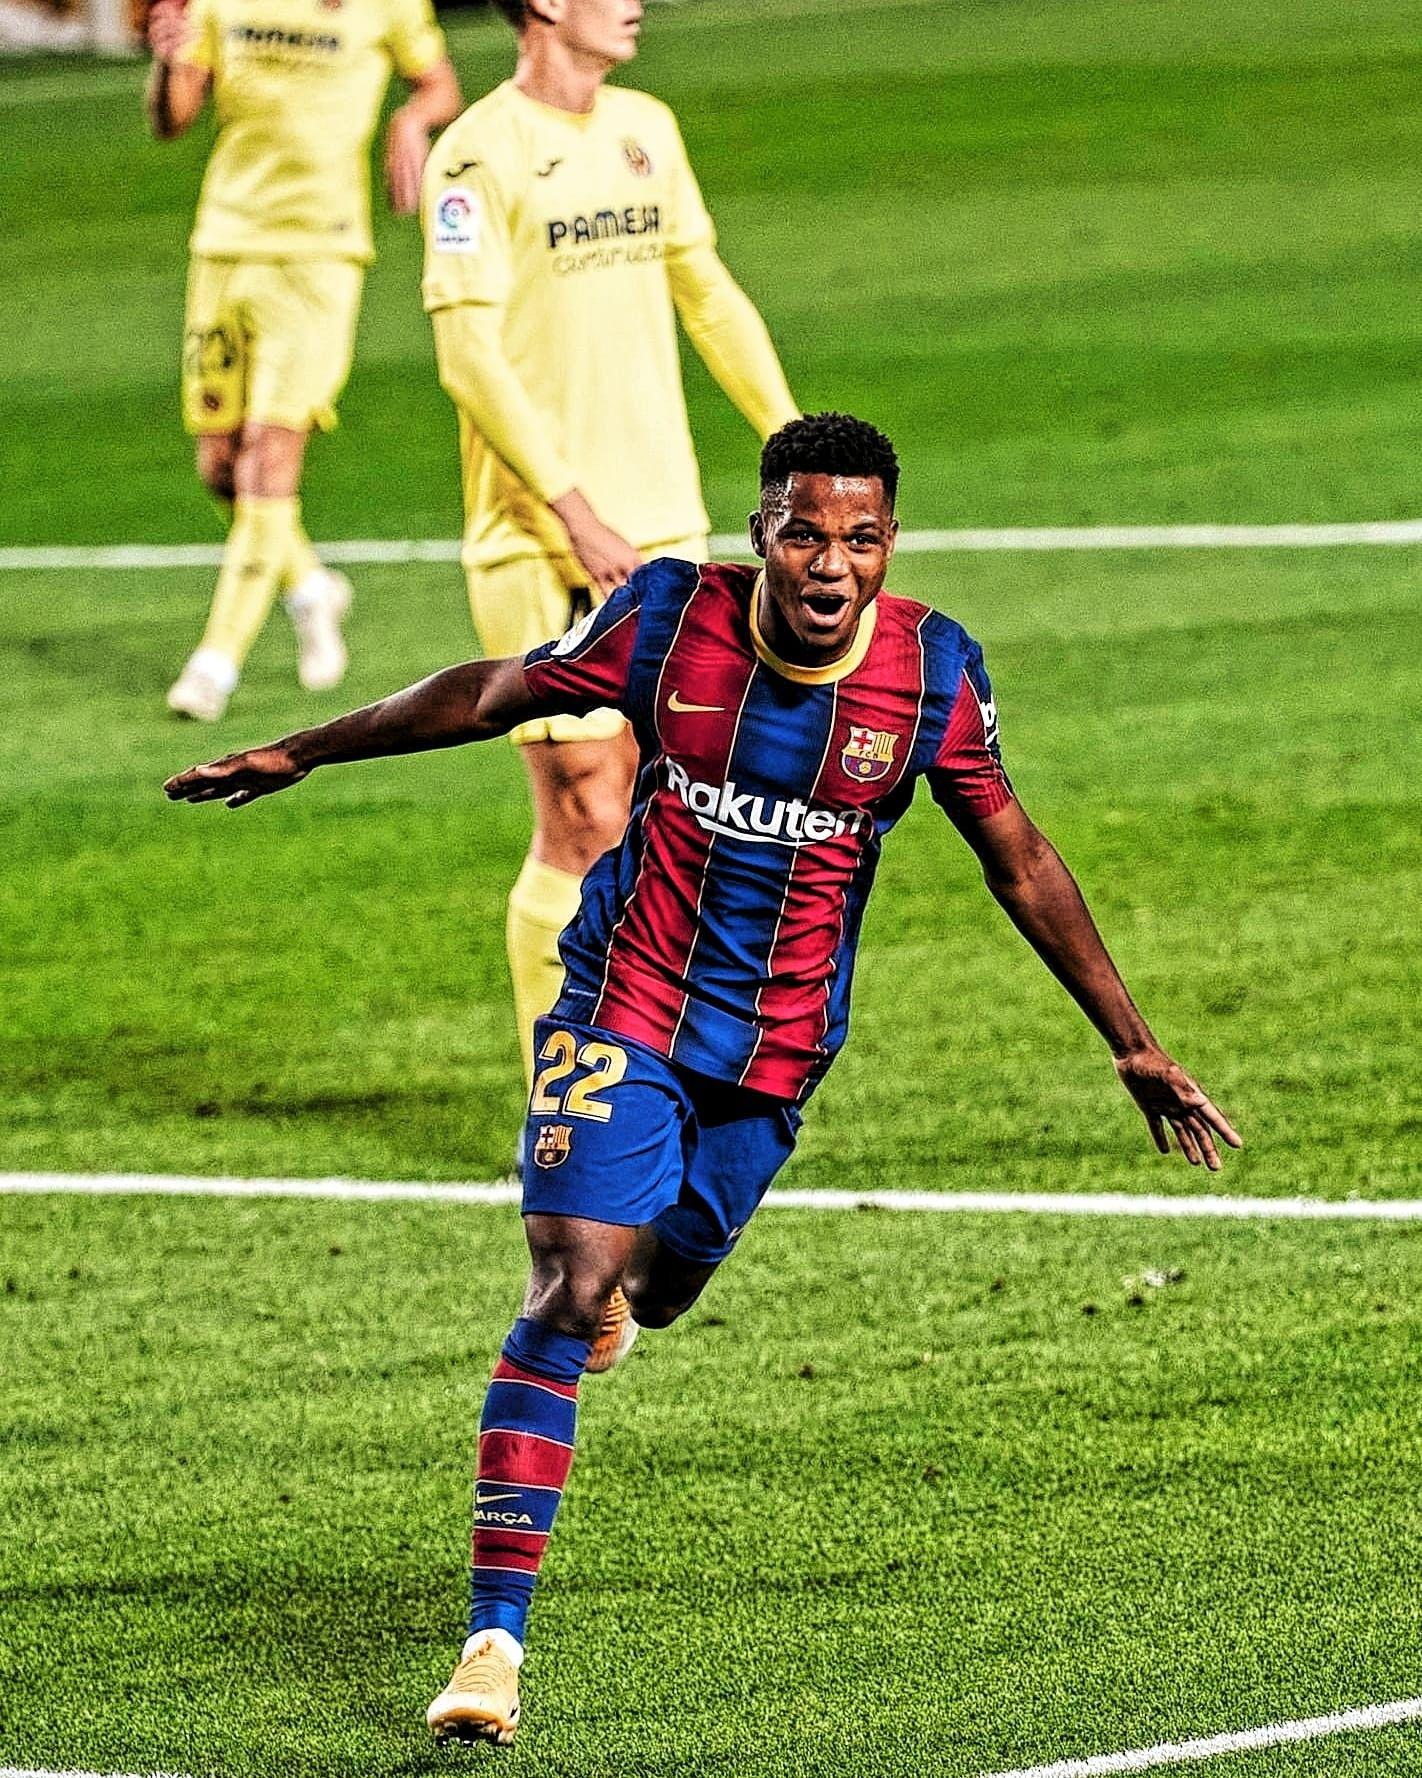 Ansu Fati Em 2020 Jogadores De Futebol Futebol Clubes